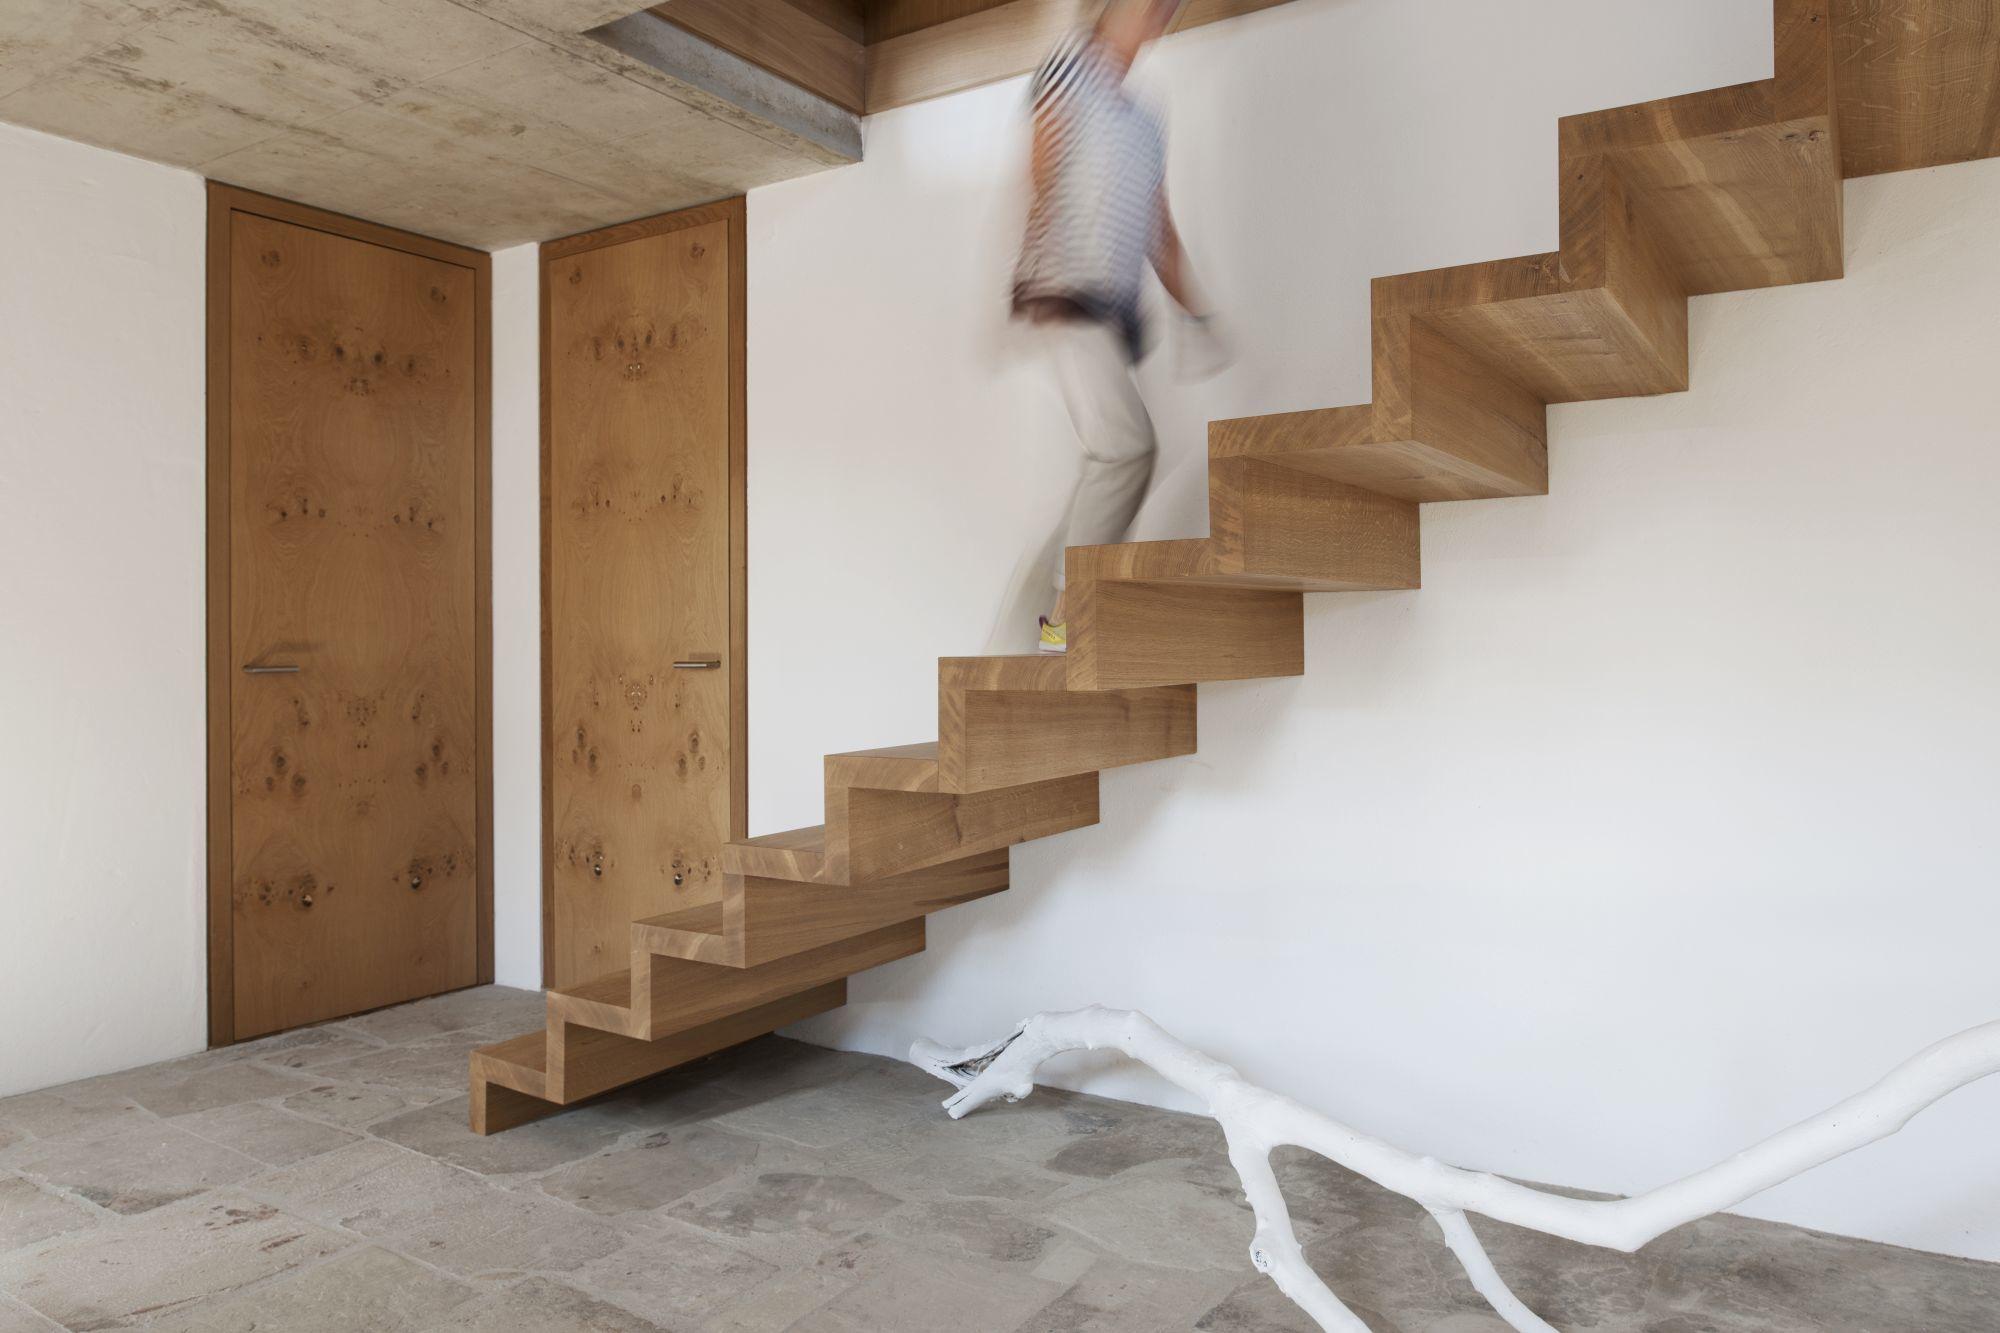 Fußboden Wolf Bad Vilbel ~ Video: umbau zum wohnatelier architekten stein hemmes wirtz kasel